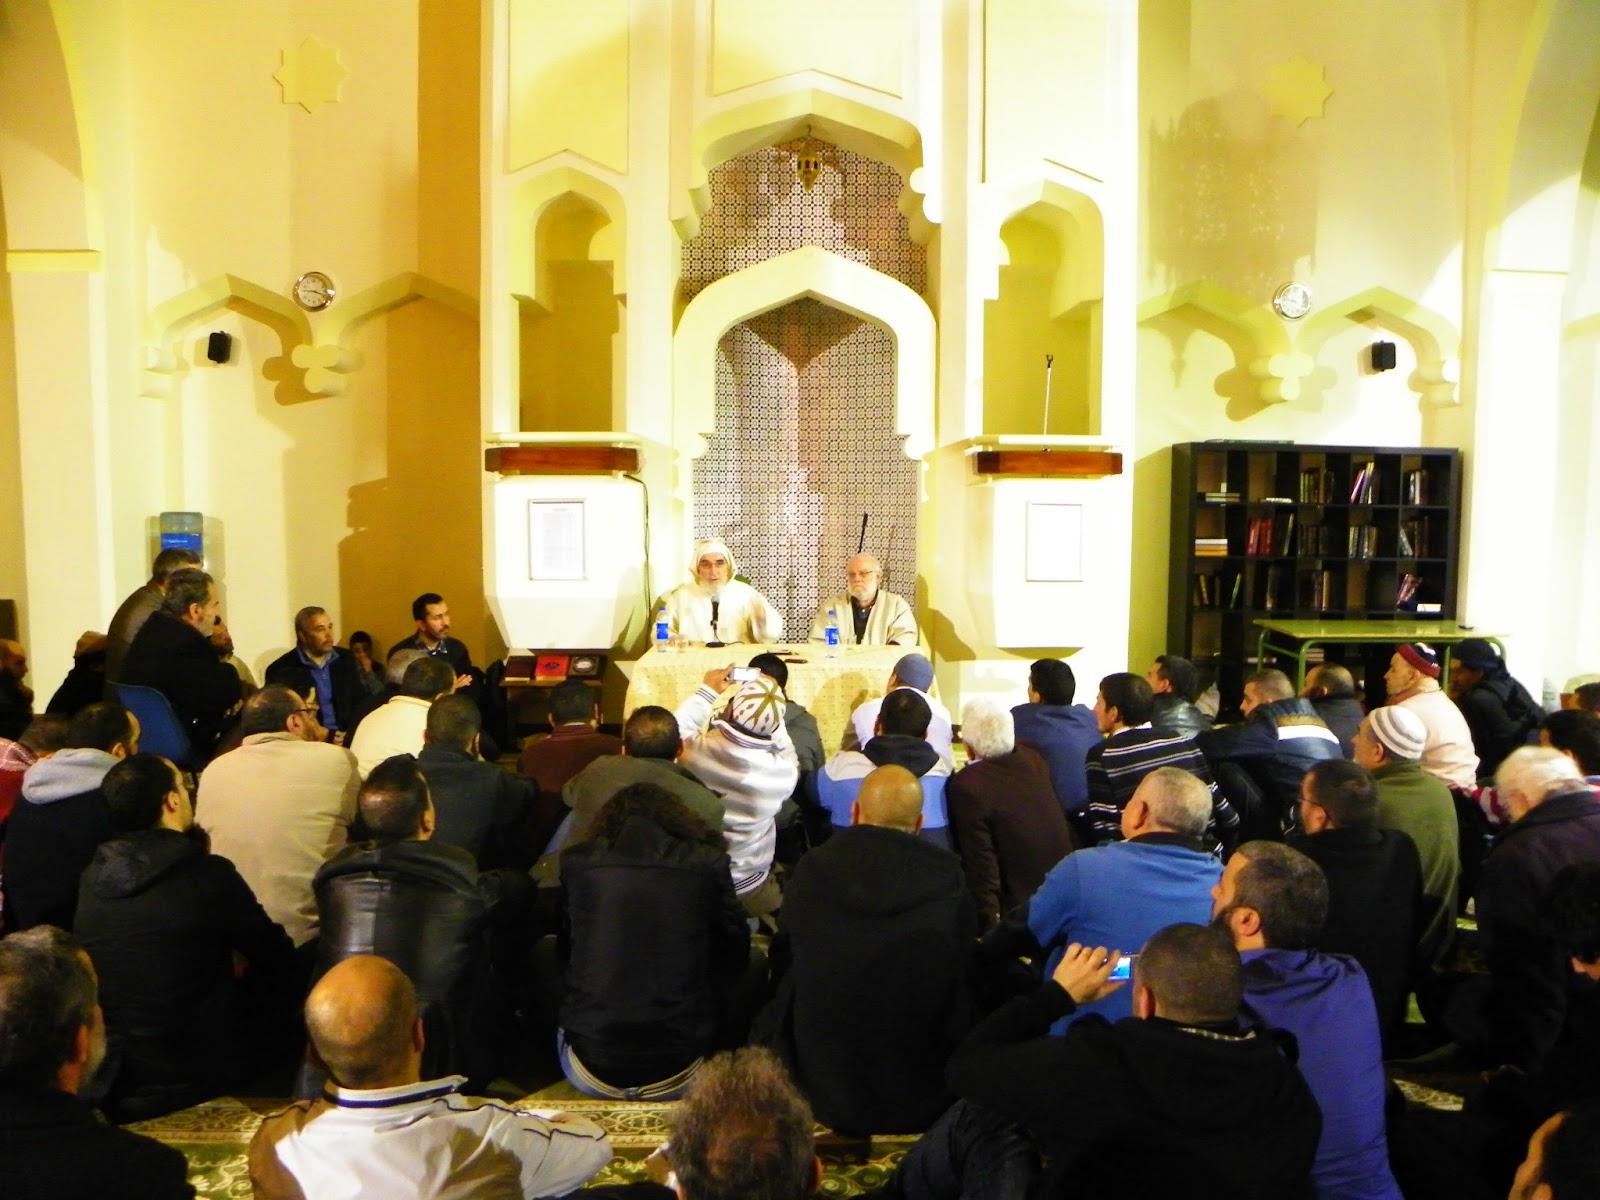 الشيخ العياشي أفيلال يزور مسجد مدريد المركزي